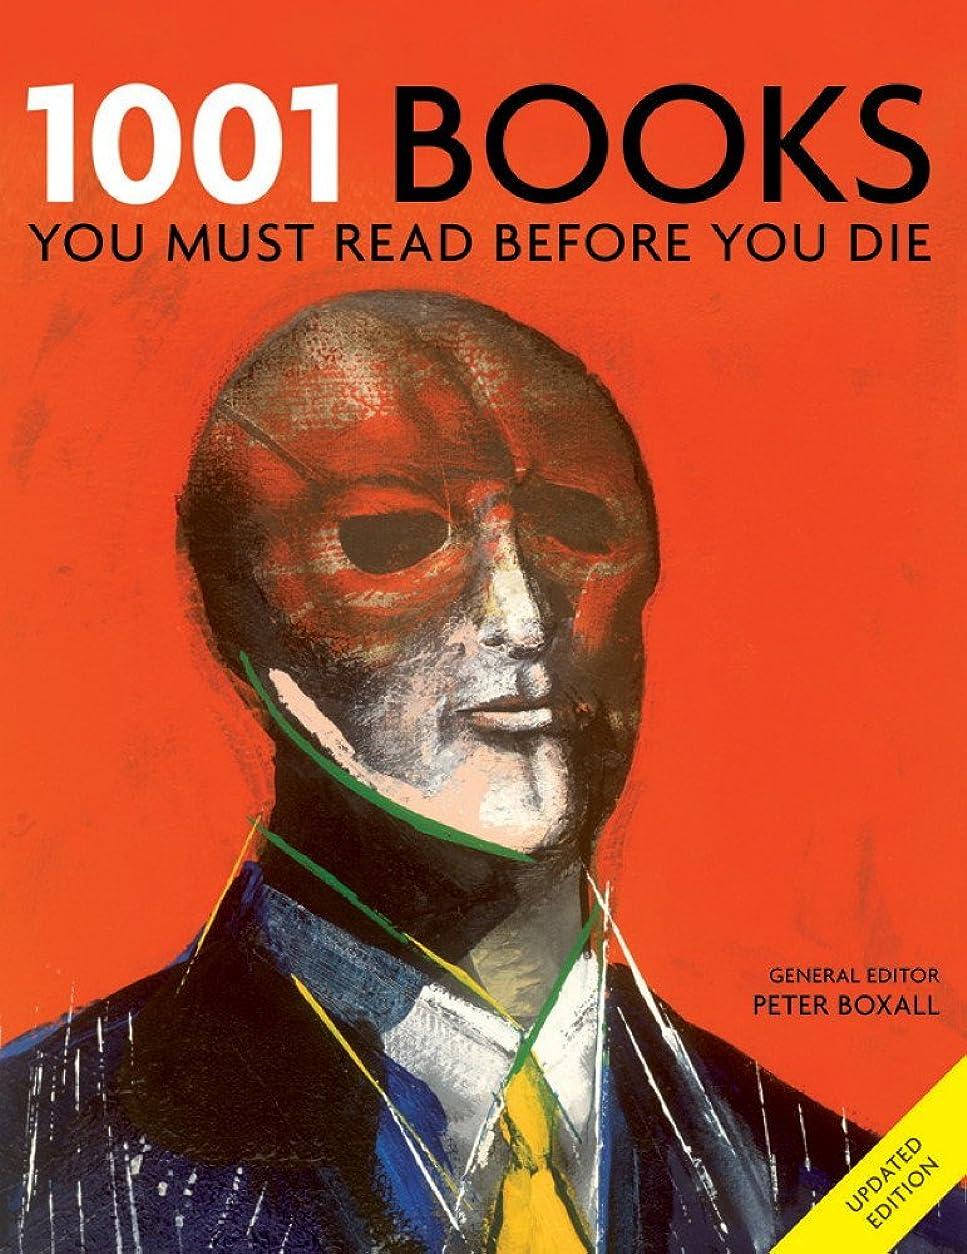 ネックレット少ない季節1001 Books You Must Read Before You Die (English Edition)